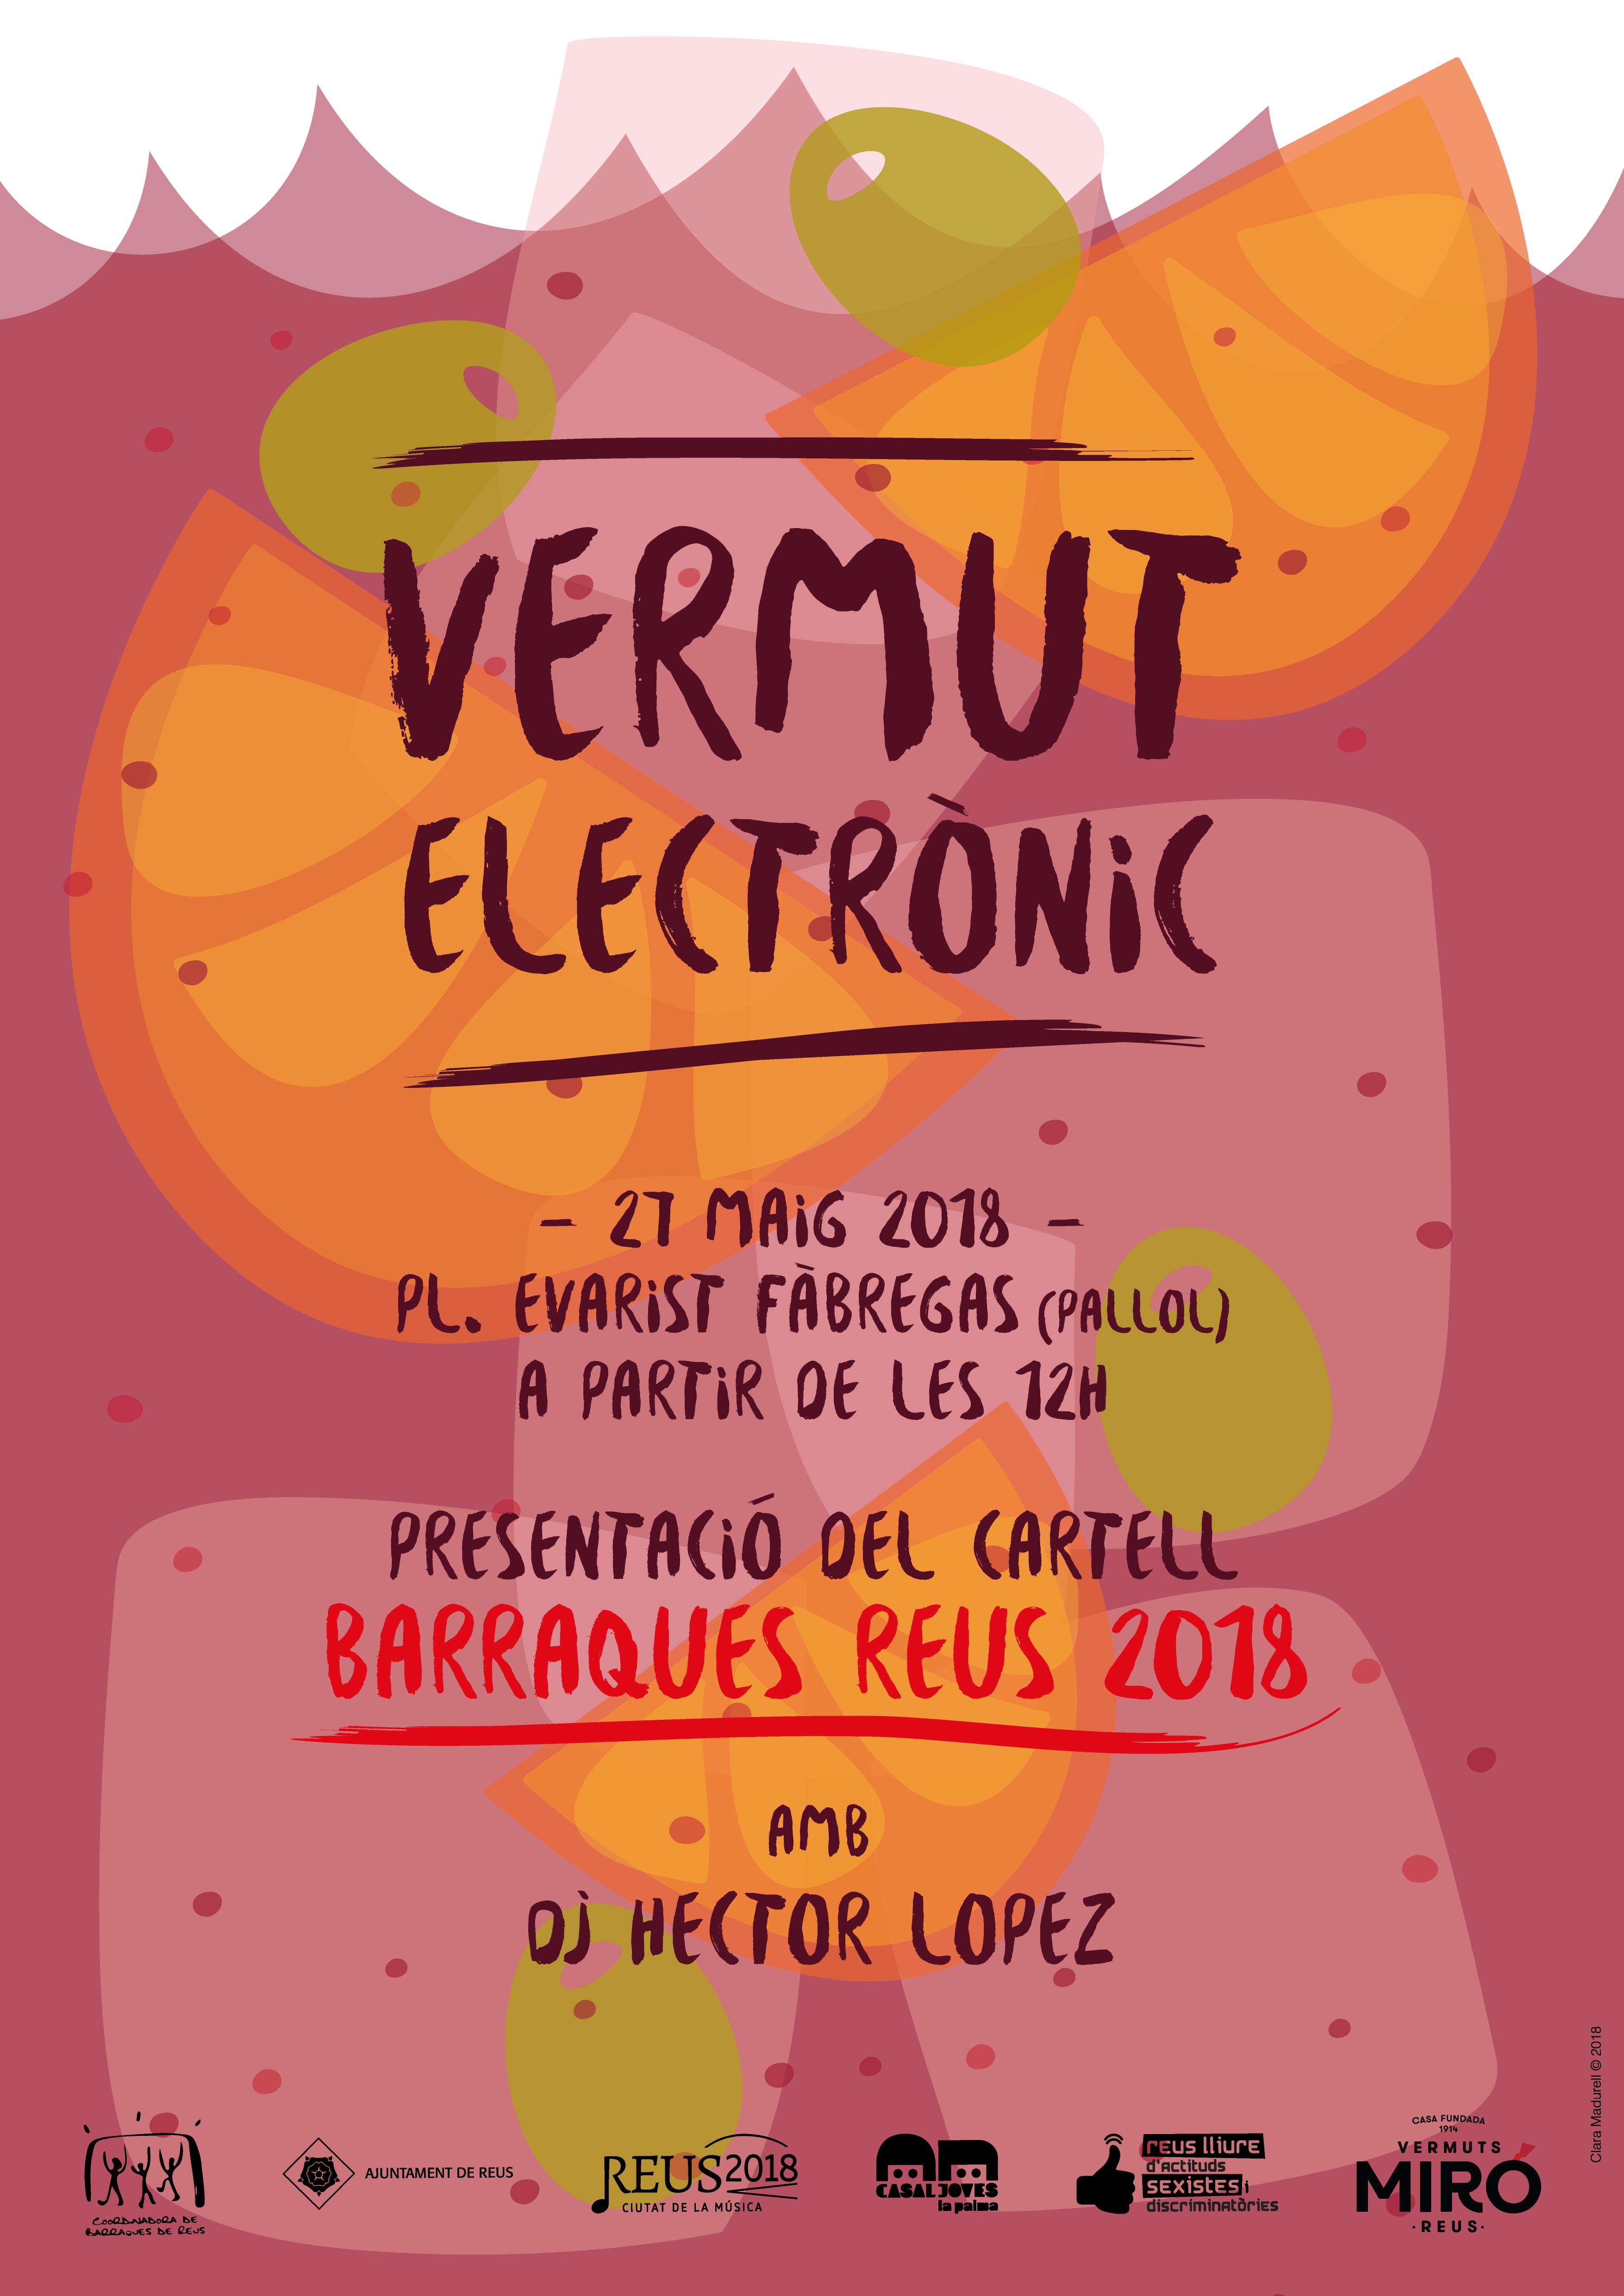 Presentació del cartell de les Barraques 2018 i vermut electrònic